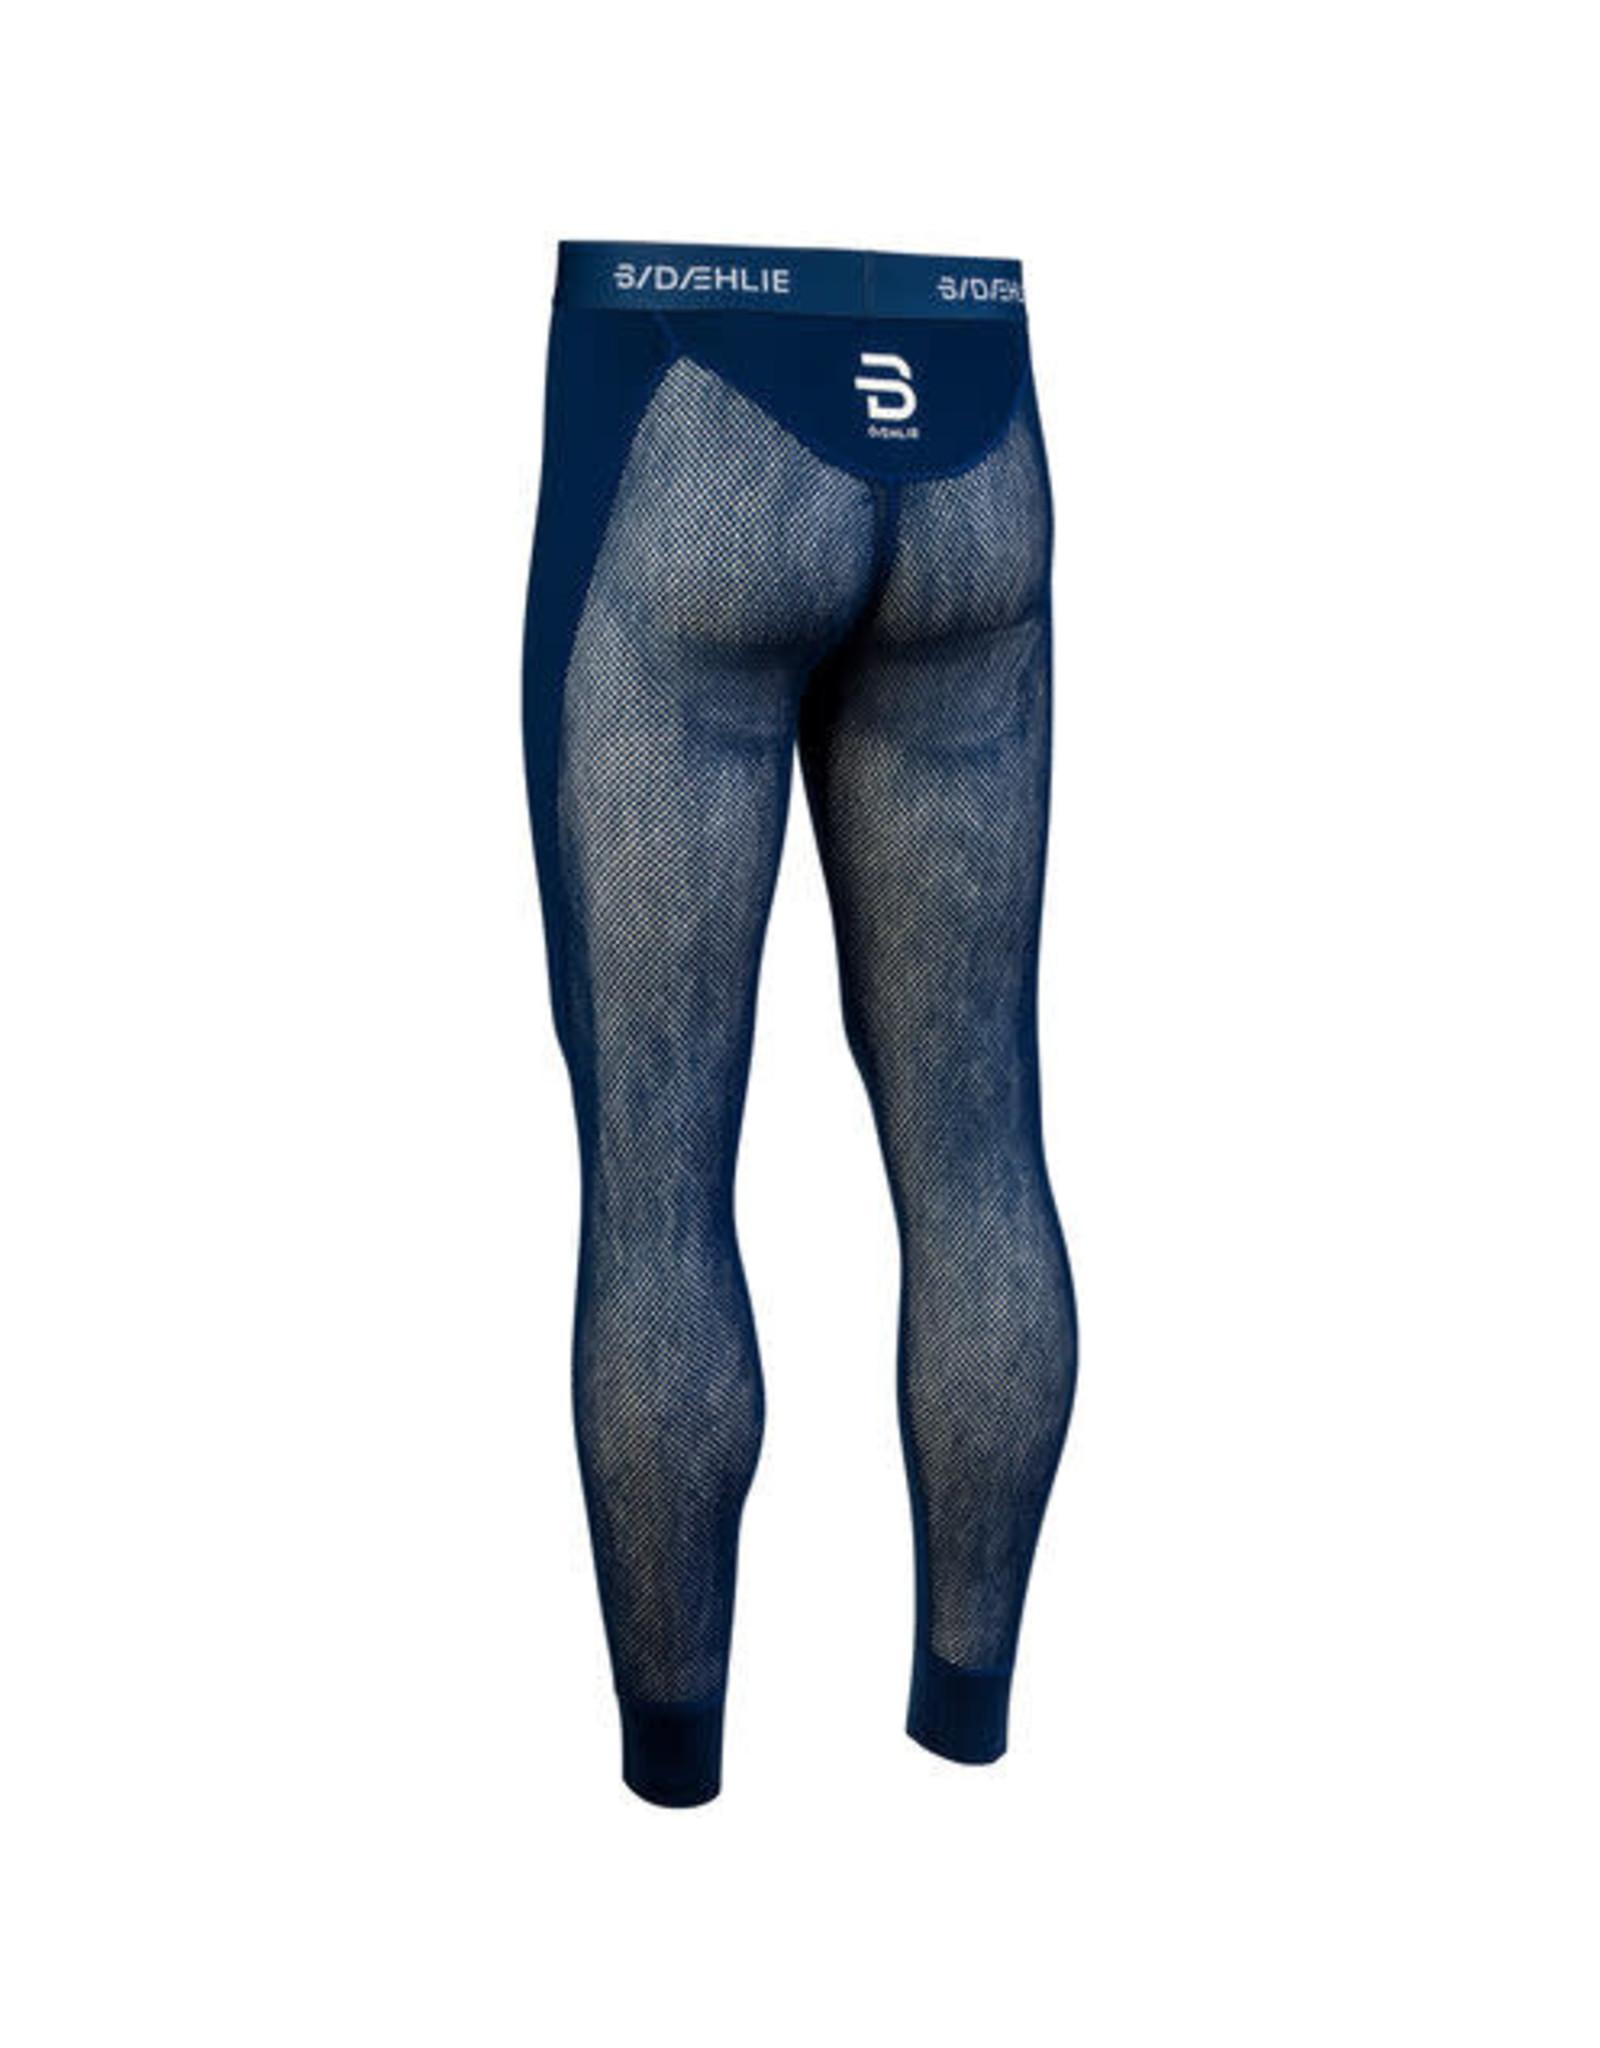 Bjorn Daehlie Bjorn Daehlie Airnet Wool Pants Men's